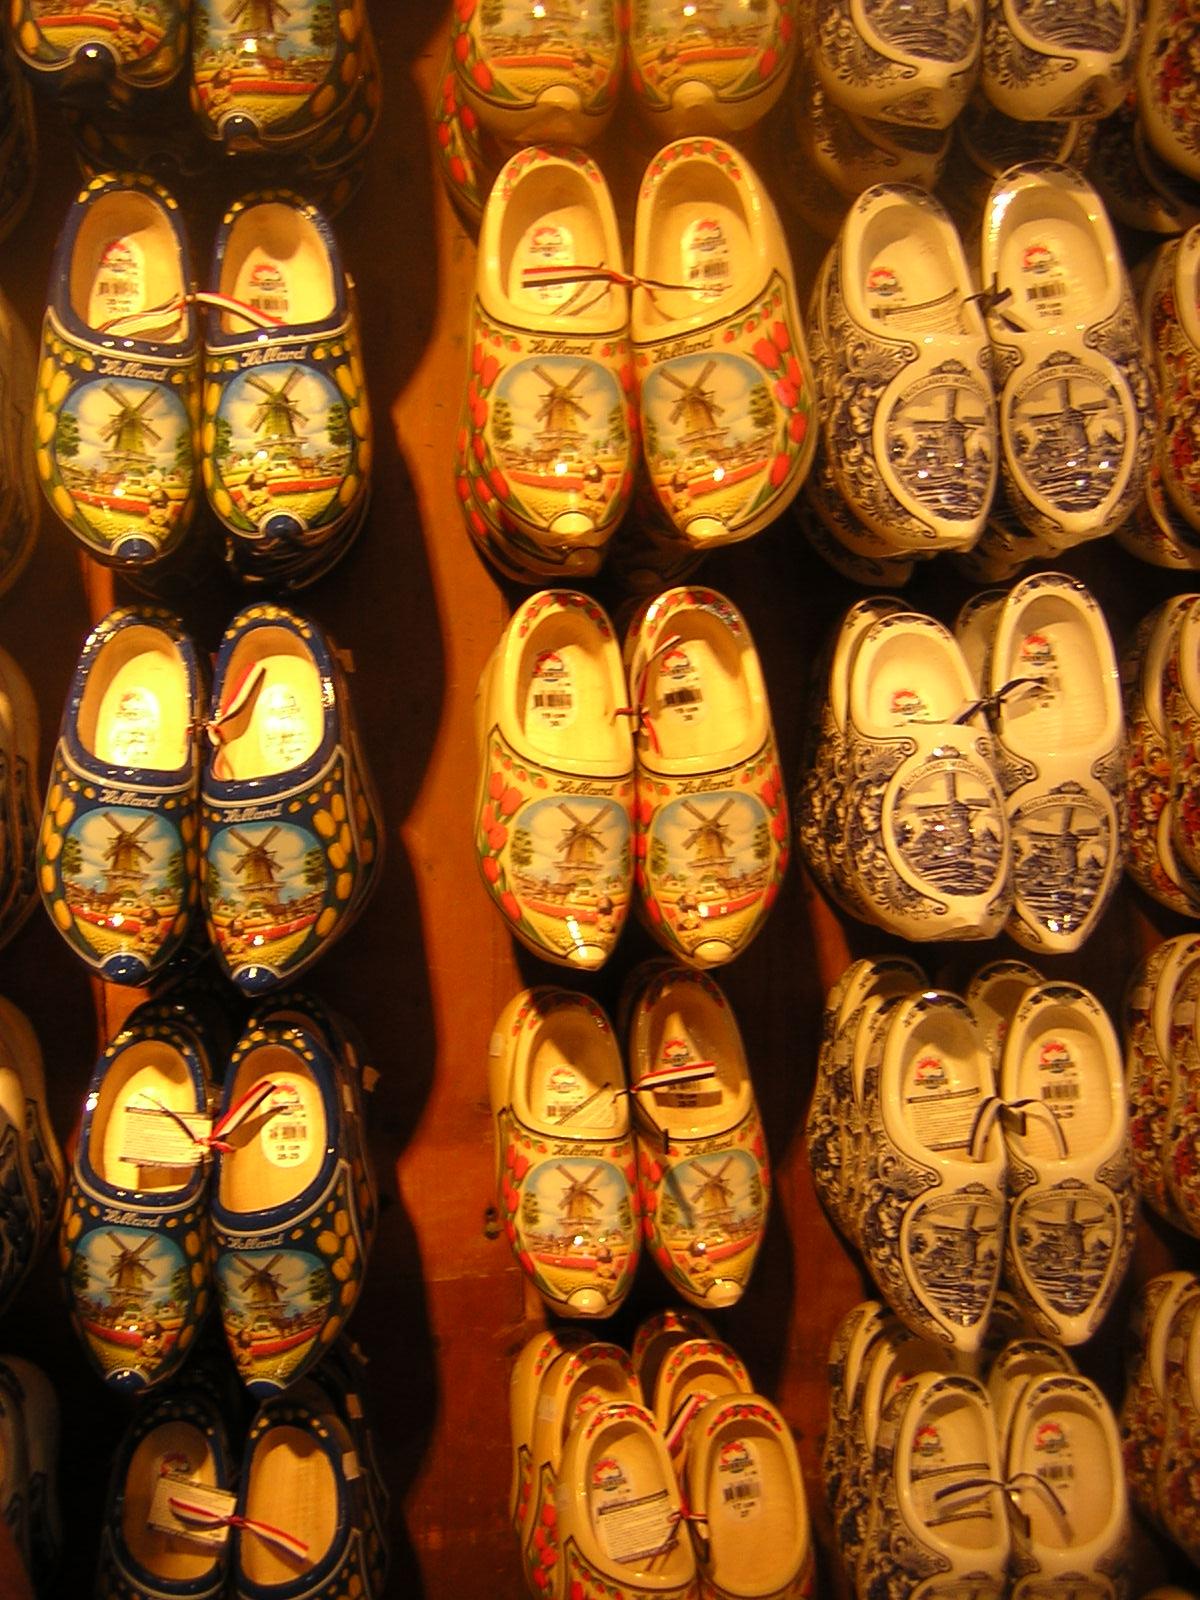 Sapatos de madeira em Zaanse Shans - Holanda